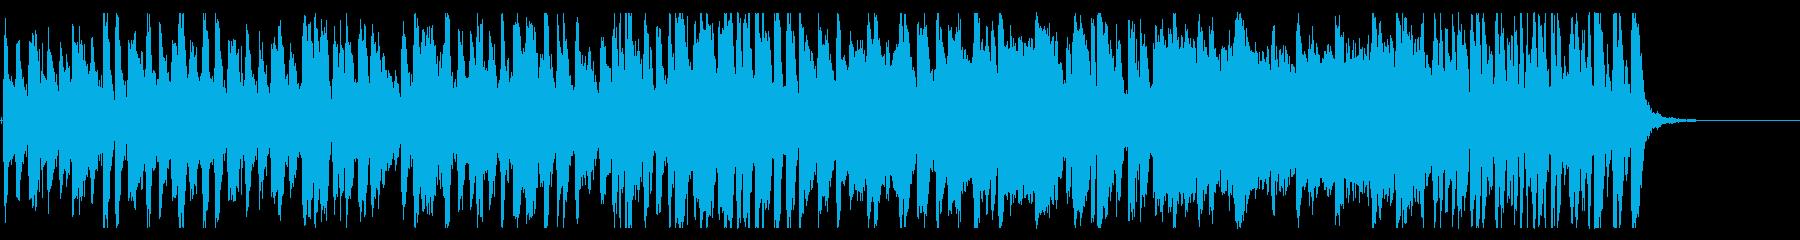 情熱的な旋律のジングルの再生済みの波形